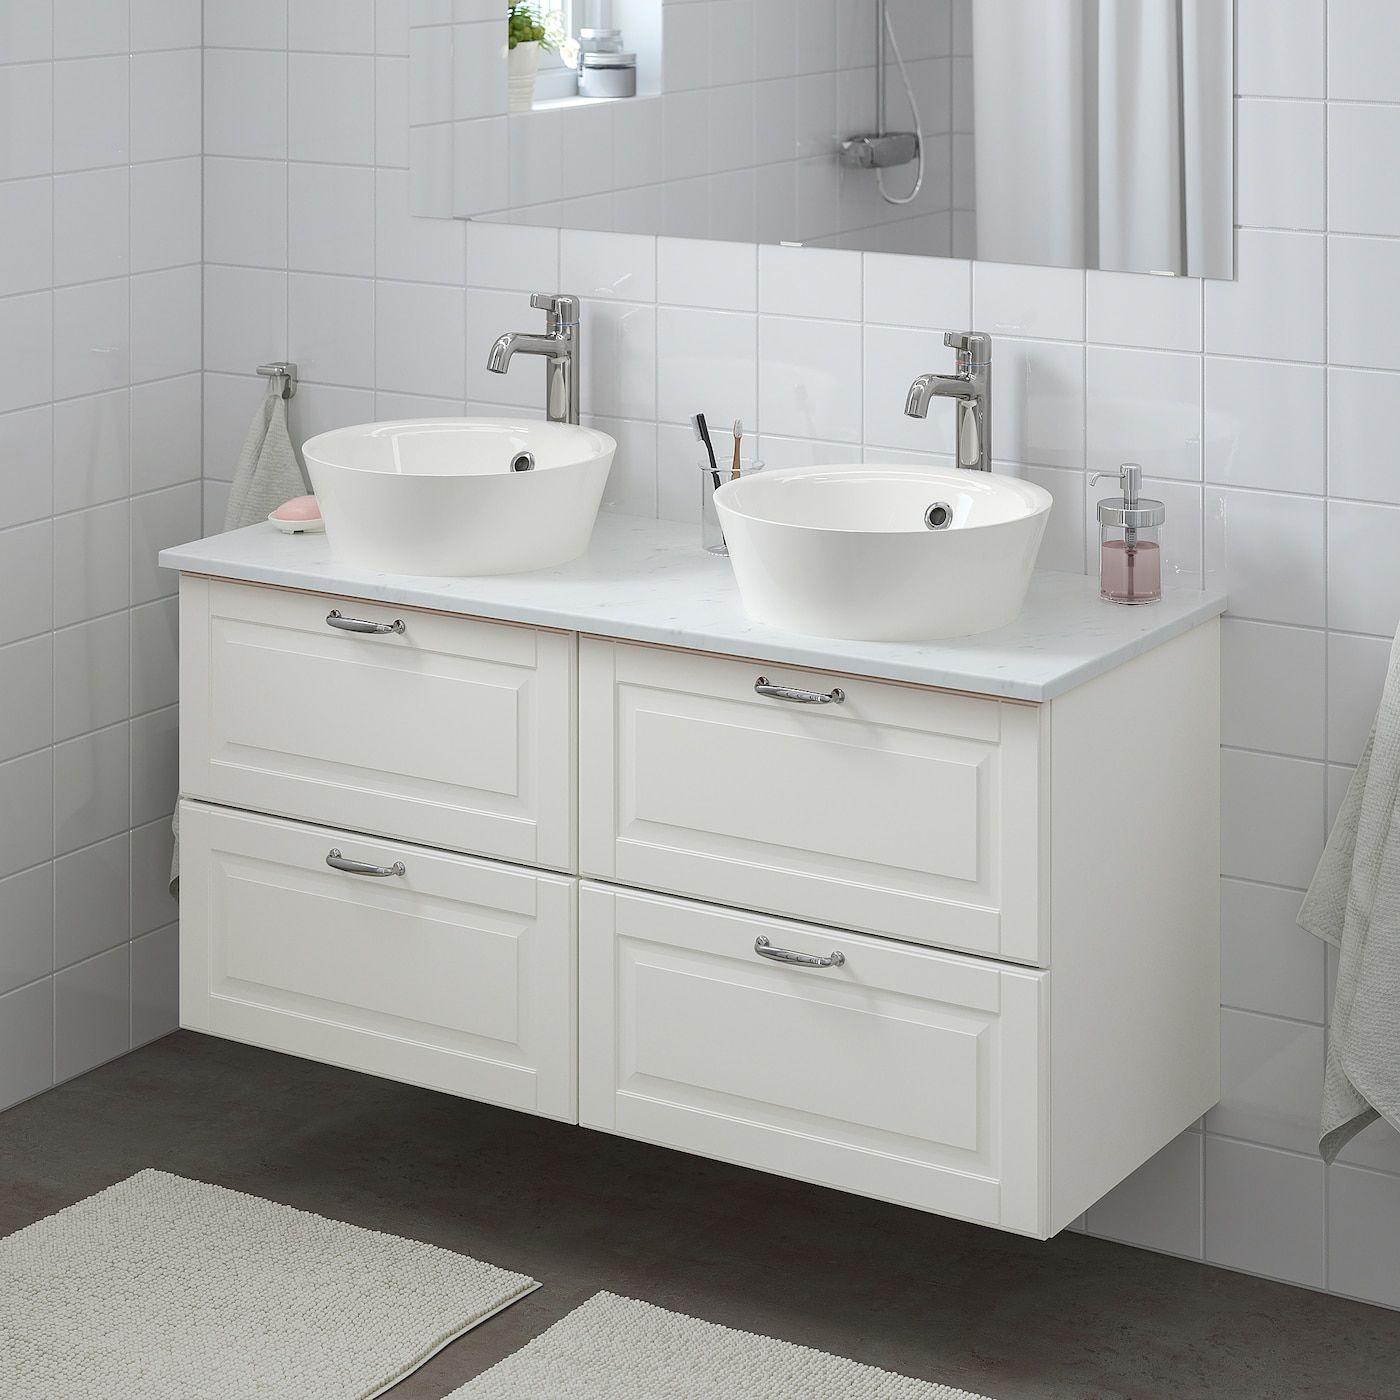 Ikea Godmorgon Tolken Kattevik Bathroom Vanity Kasjon White Bathroom Vanity Ikea Godmorgon Small Bathroom Decor [ 1400 x 1400 Pixel ]